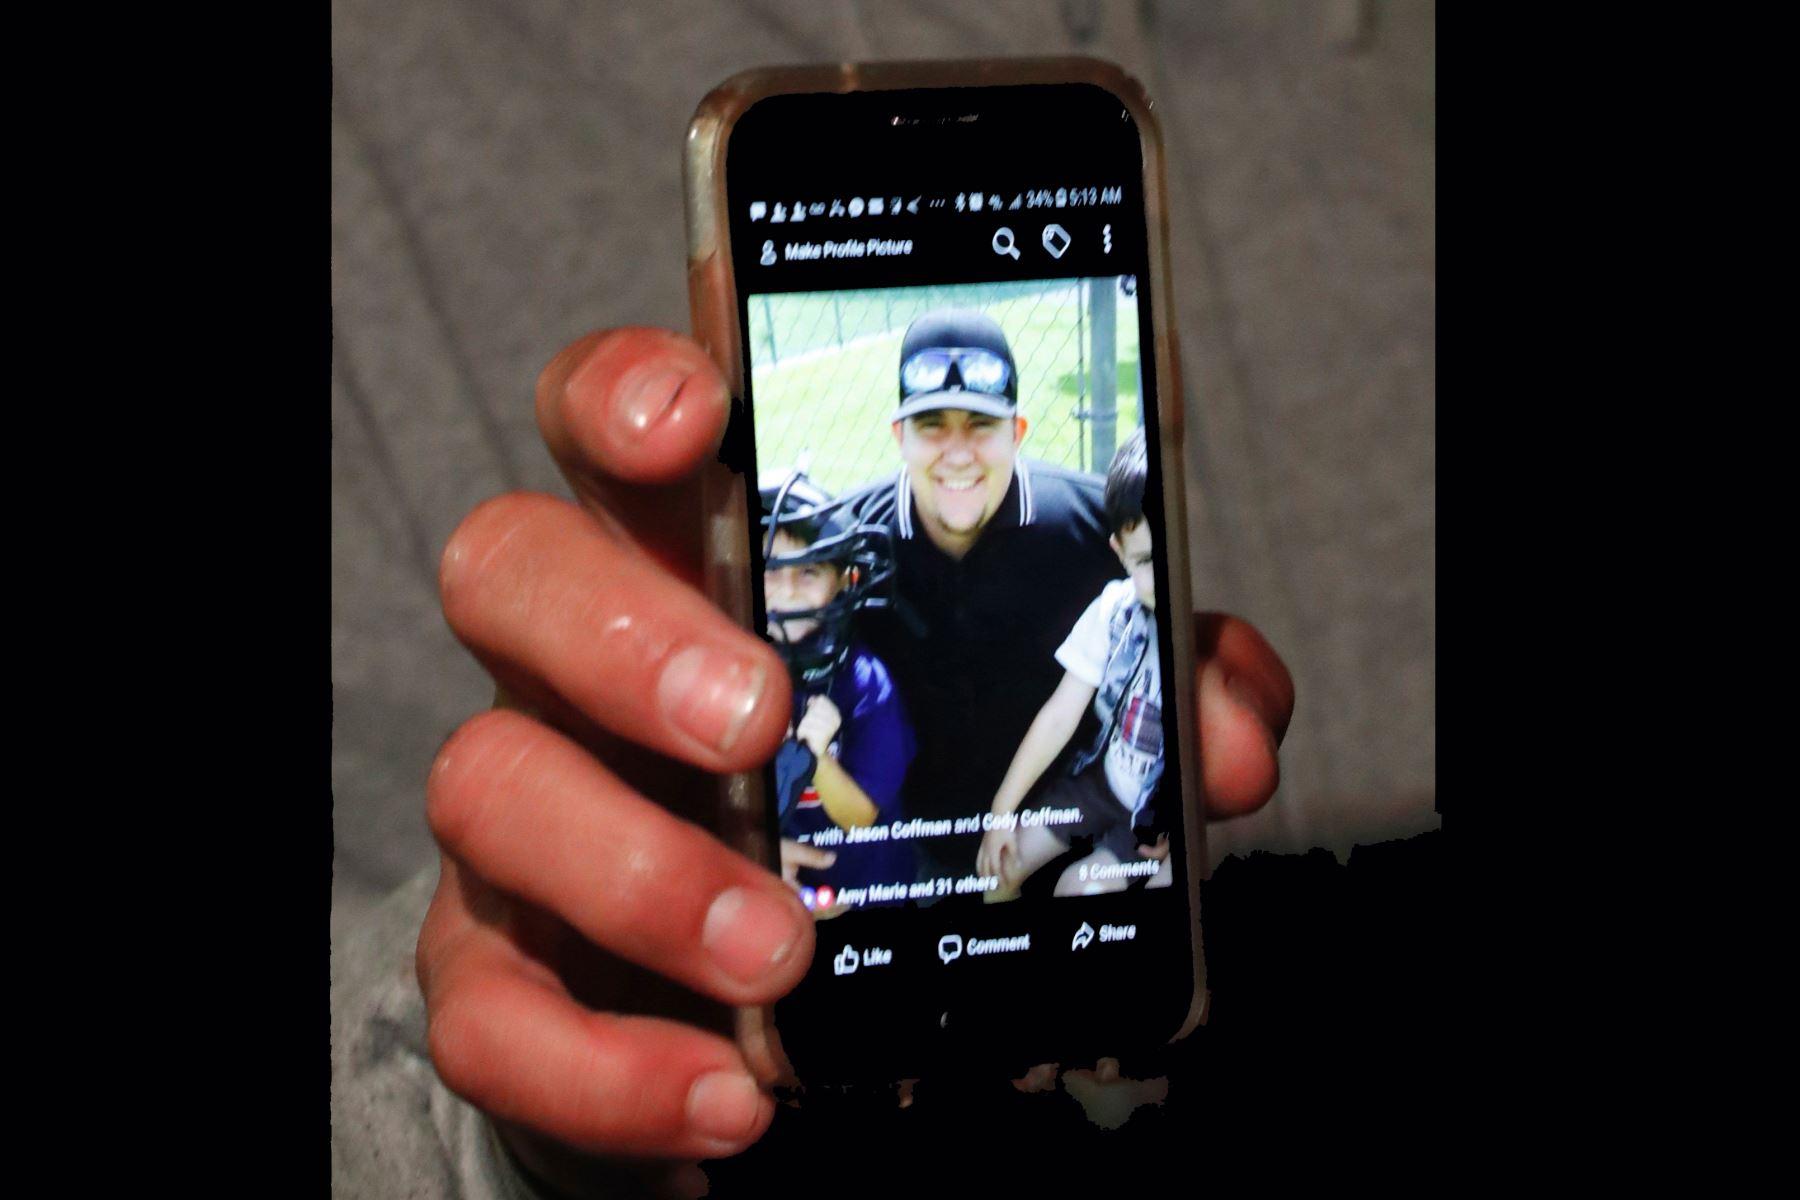 """Jason Coffman muestra una fotografía de su hijo Cody, que se encontraba dentro del bar Borderline en el momento del tiroteo, en la localidad de Thousand Oaks, California, Estados Unidos, hoy 8 de noviembre de 2018. El presidente estadounidense, Donald Trump, destacó hoy la """"gran valentía"""" de la policía al enfrentar al autor del tiroteo que ha dejado al menos doce muertos en una bar donde se celebraba una fiesta universitaria. EFE"""